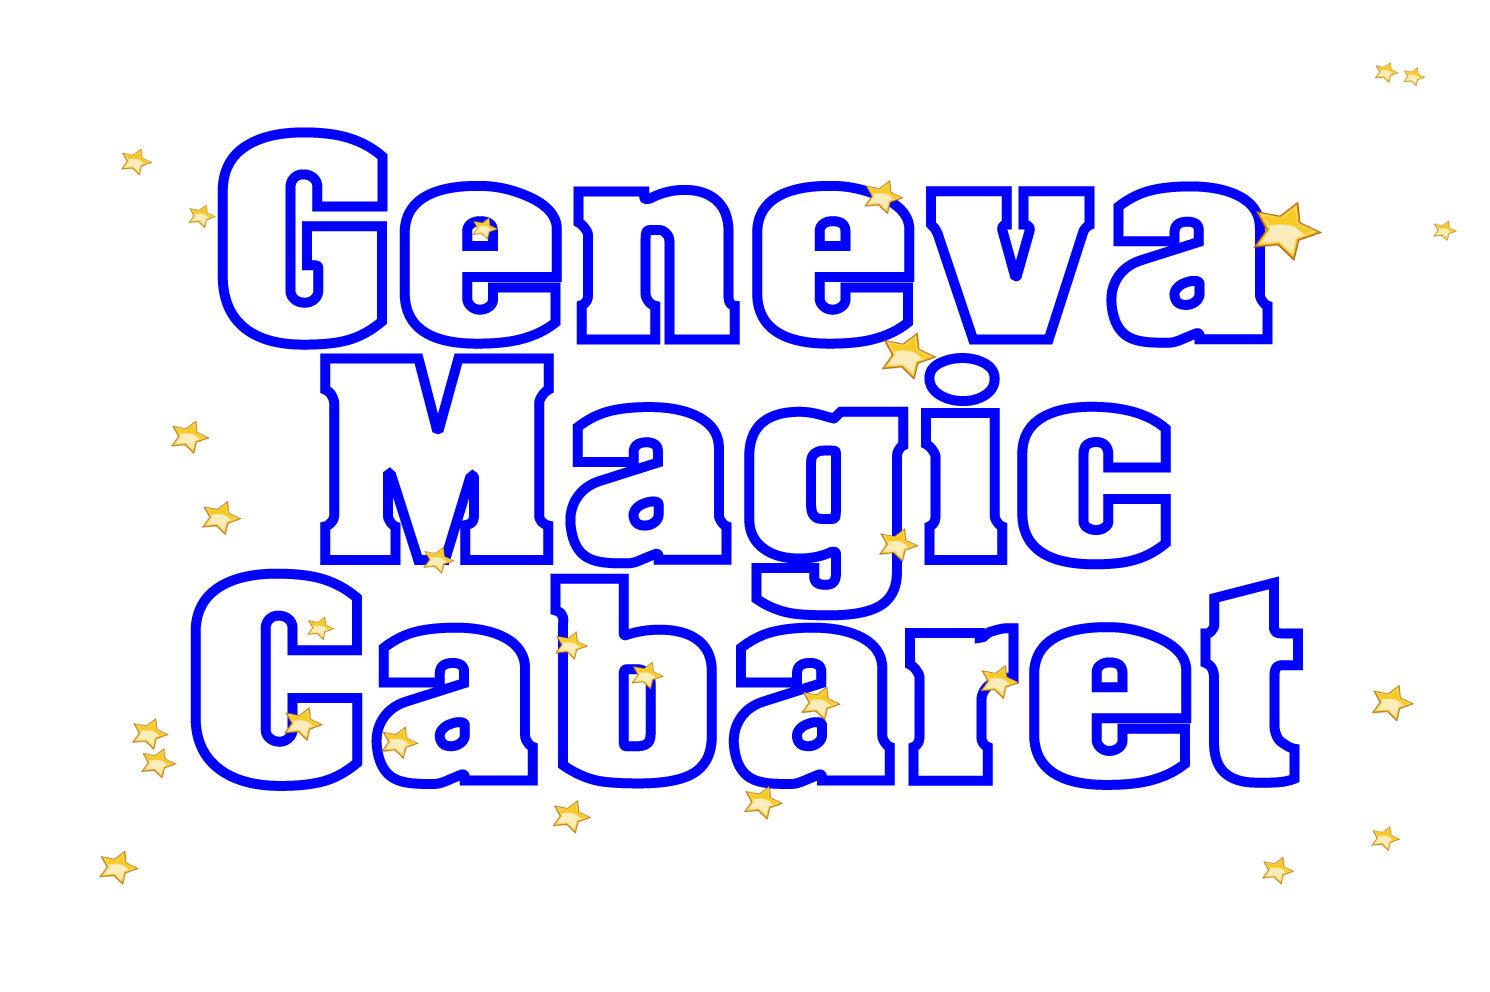 Geneva Magic Cabaret